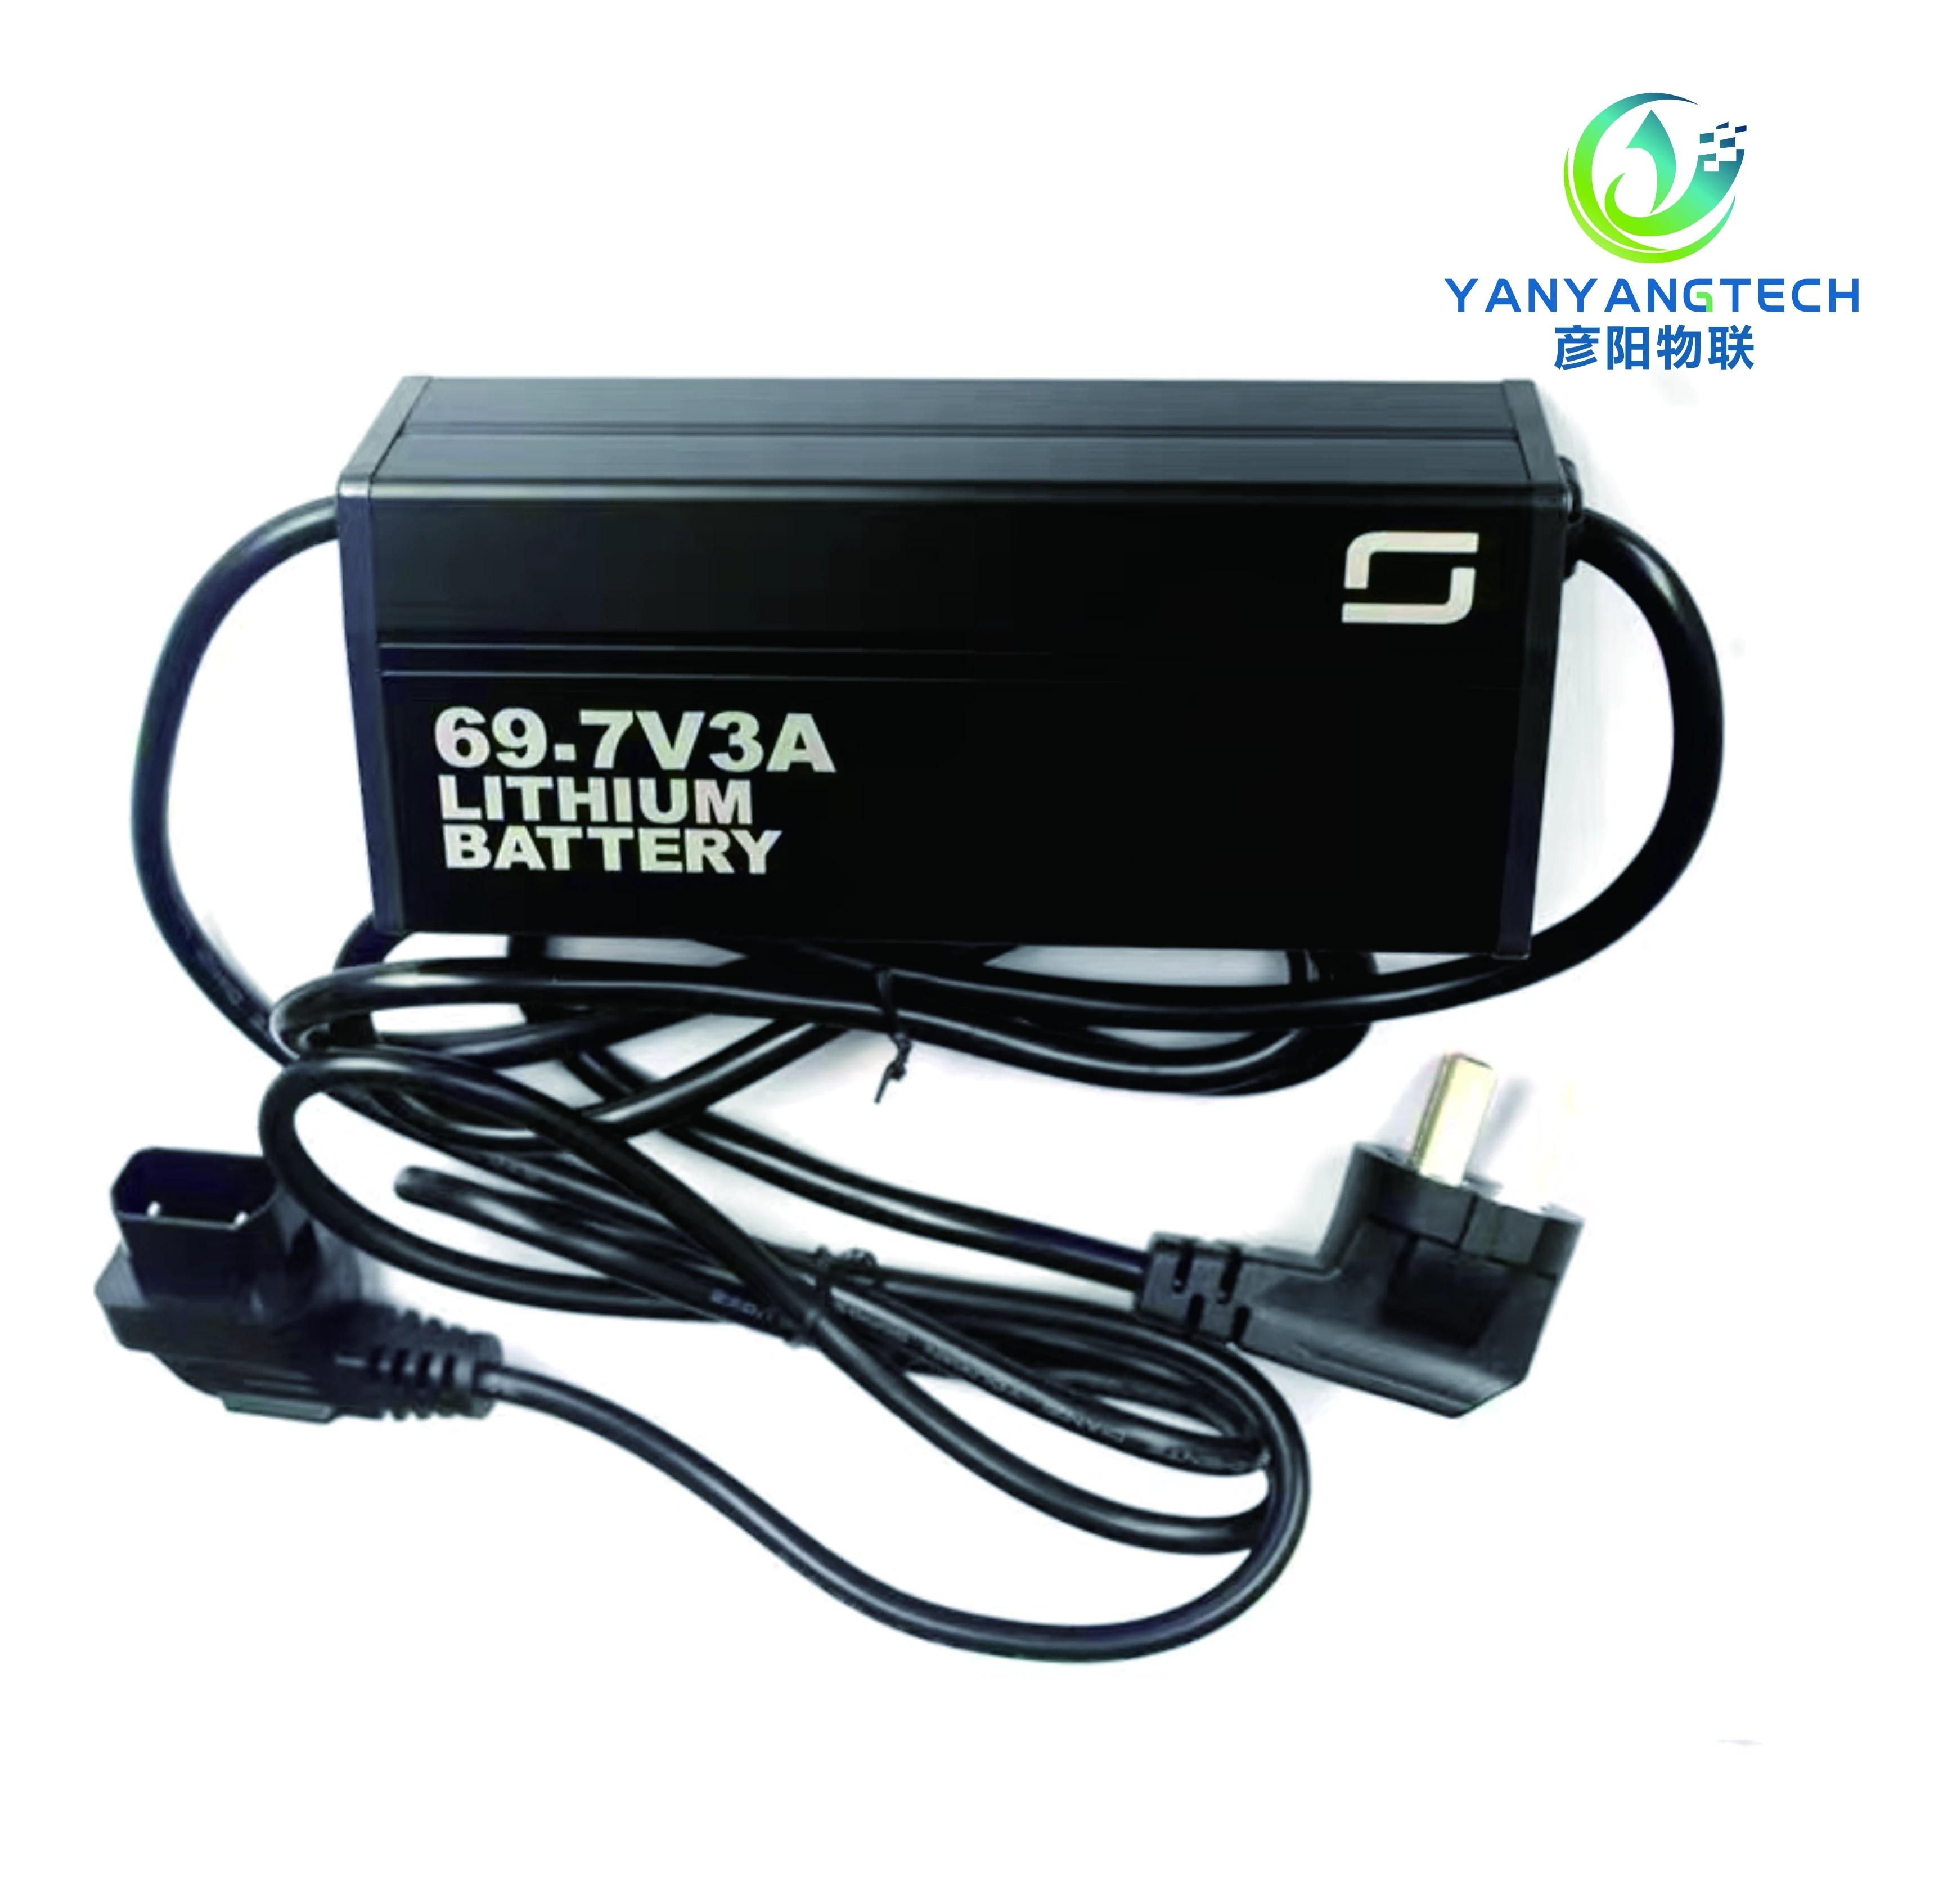 Siêu SOCO Ban Đầu Sạc Xe Hơi Cơ Thể Sạc Ổ Cắm Cắm Bộ Pin Ổ Cắm Pin  Cáp Battery Accessories